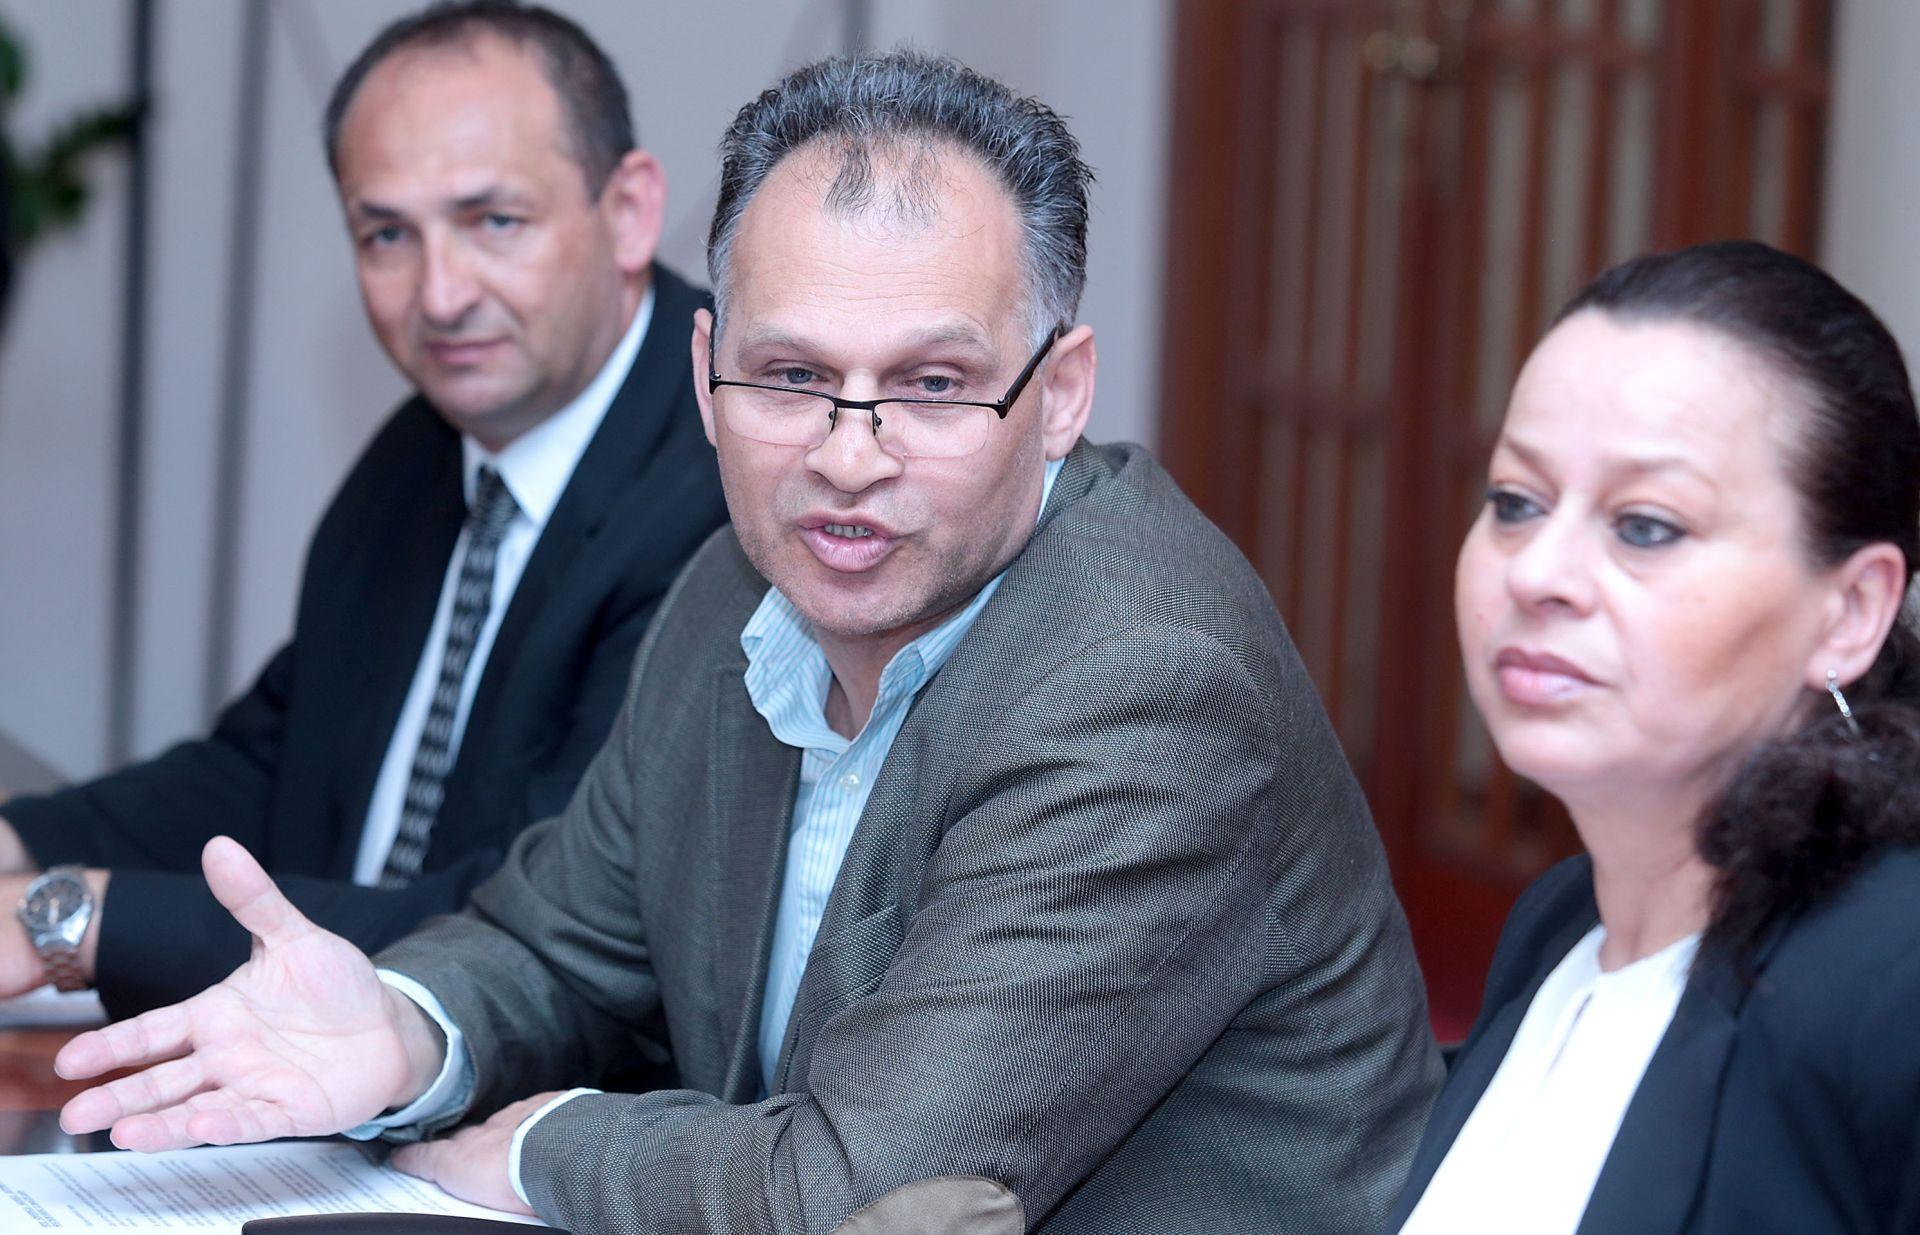 Kajtazi o Jasenovcu: Predsjednica i premijer na početku su trebali govoriti kao zadnjih dana